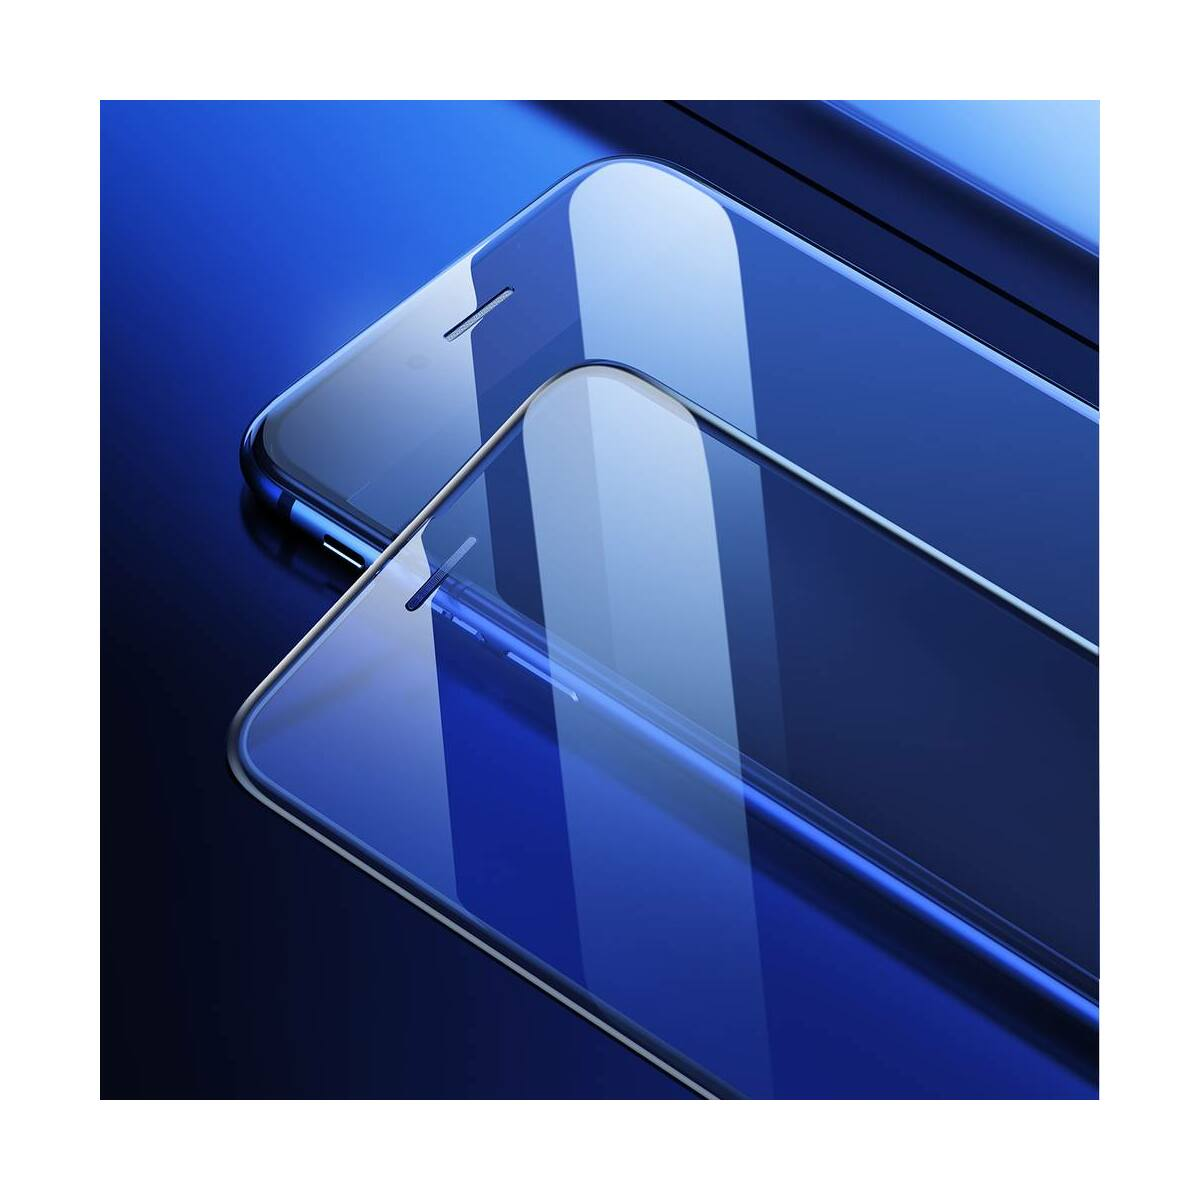 Baseus iPhone 8/7/6 Plus 0.23 mm, teljes felületre, kékfény szűrős,lekerekített edzett üveg por elleni védelem, fekete (SGAPIPH8P-WB01)